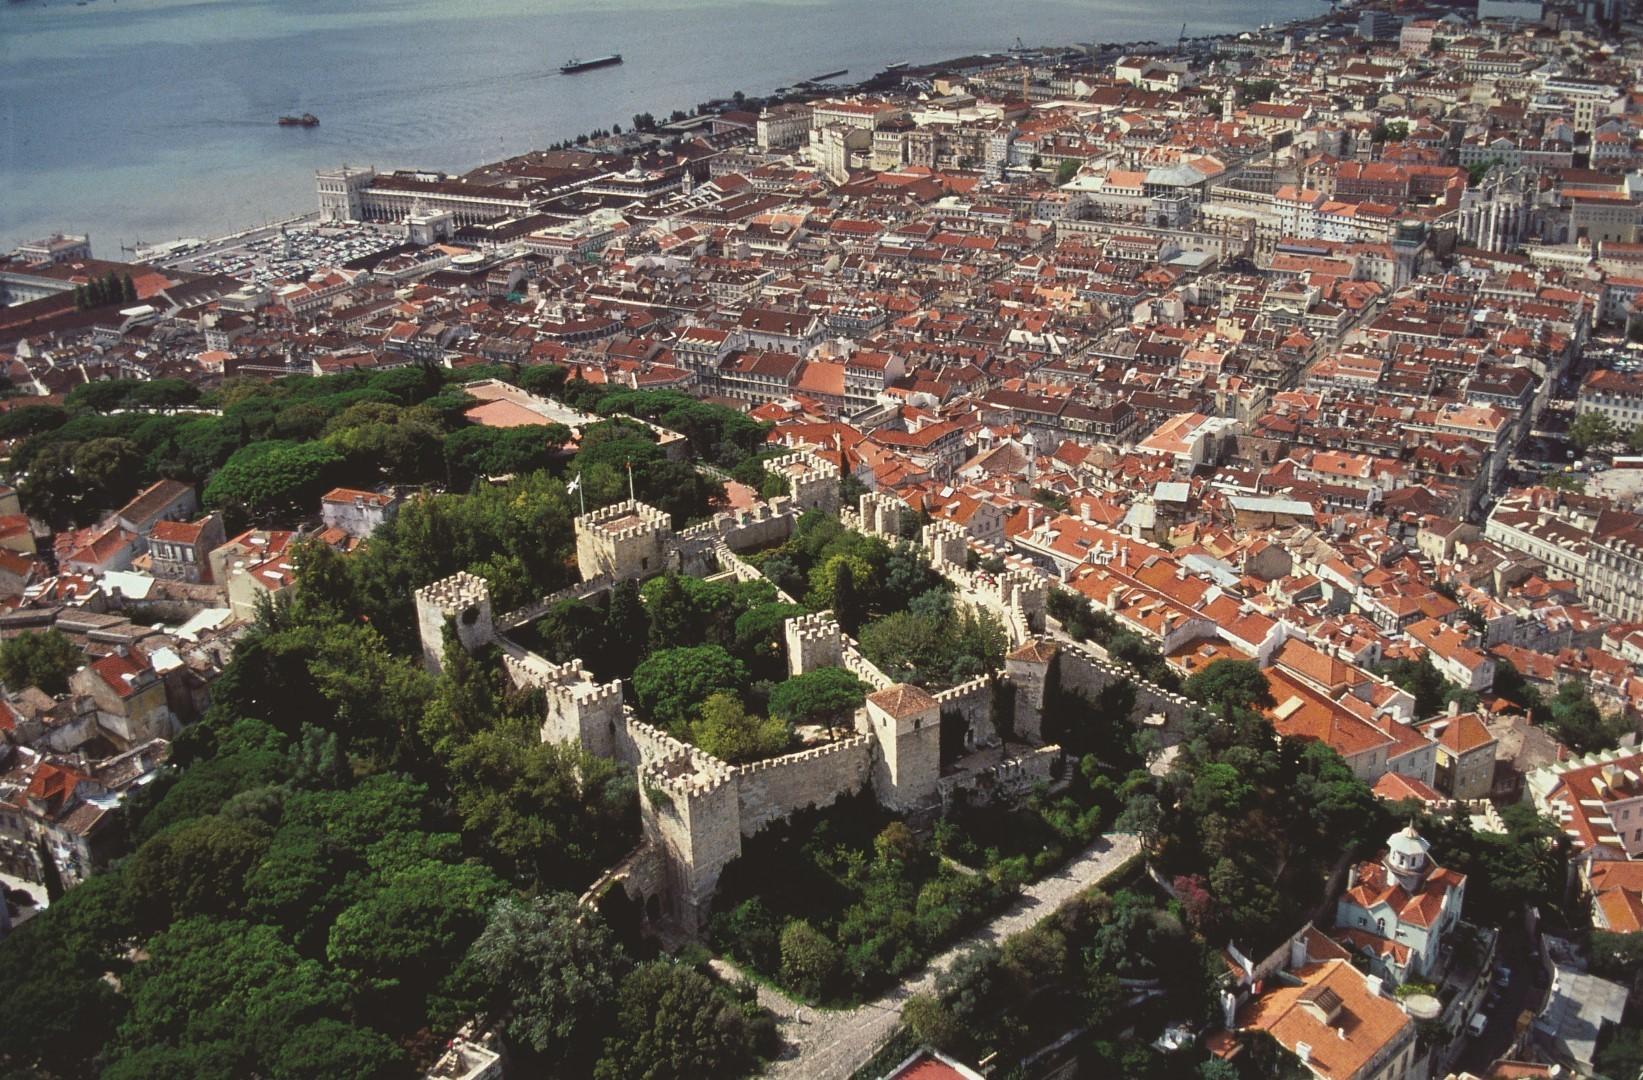 Lisbona tra antico e moderno. E superbamente trendy